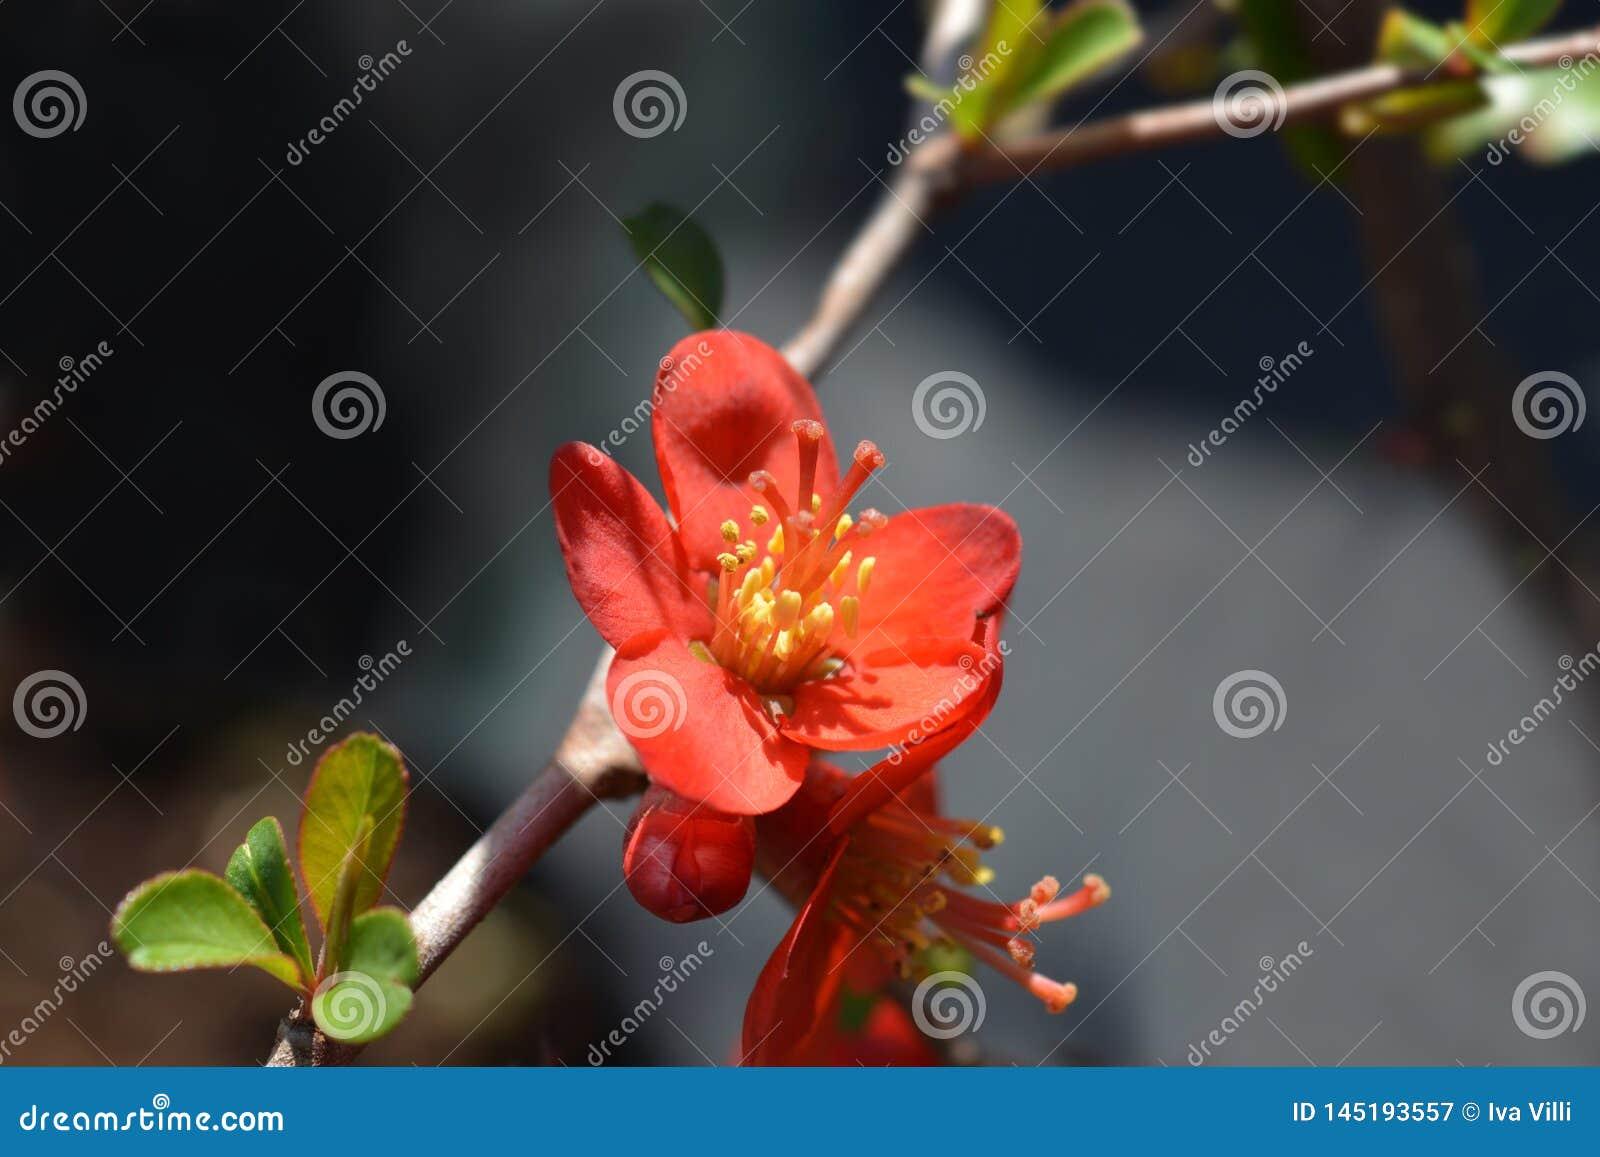 Hollandia blomningkvitten